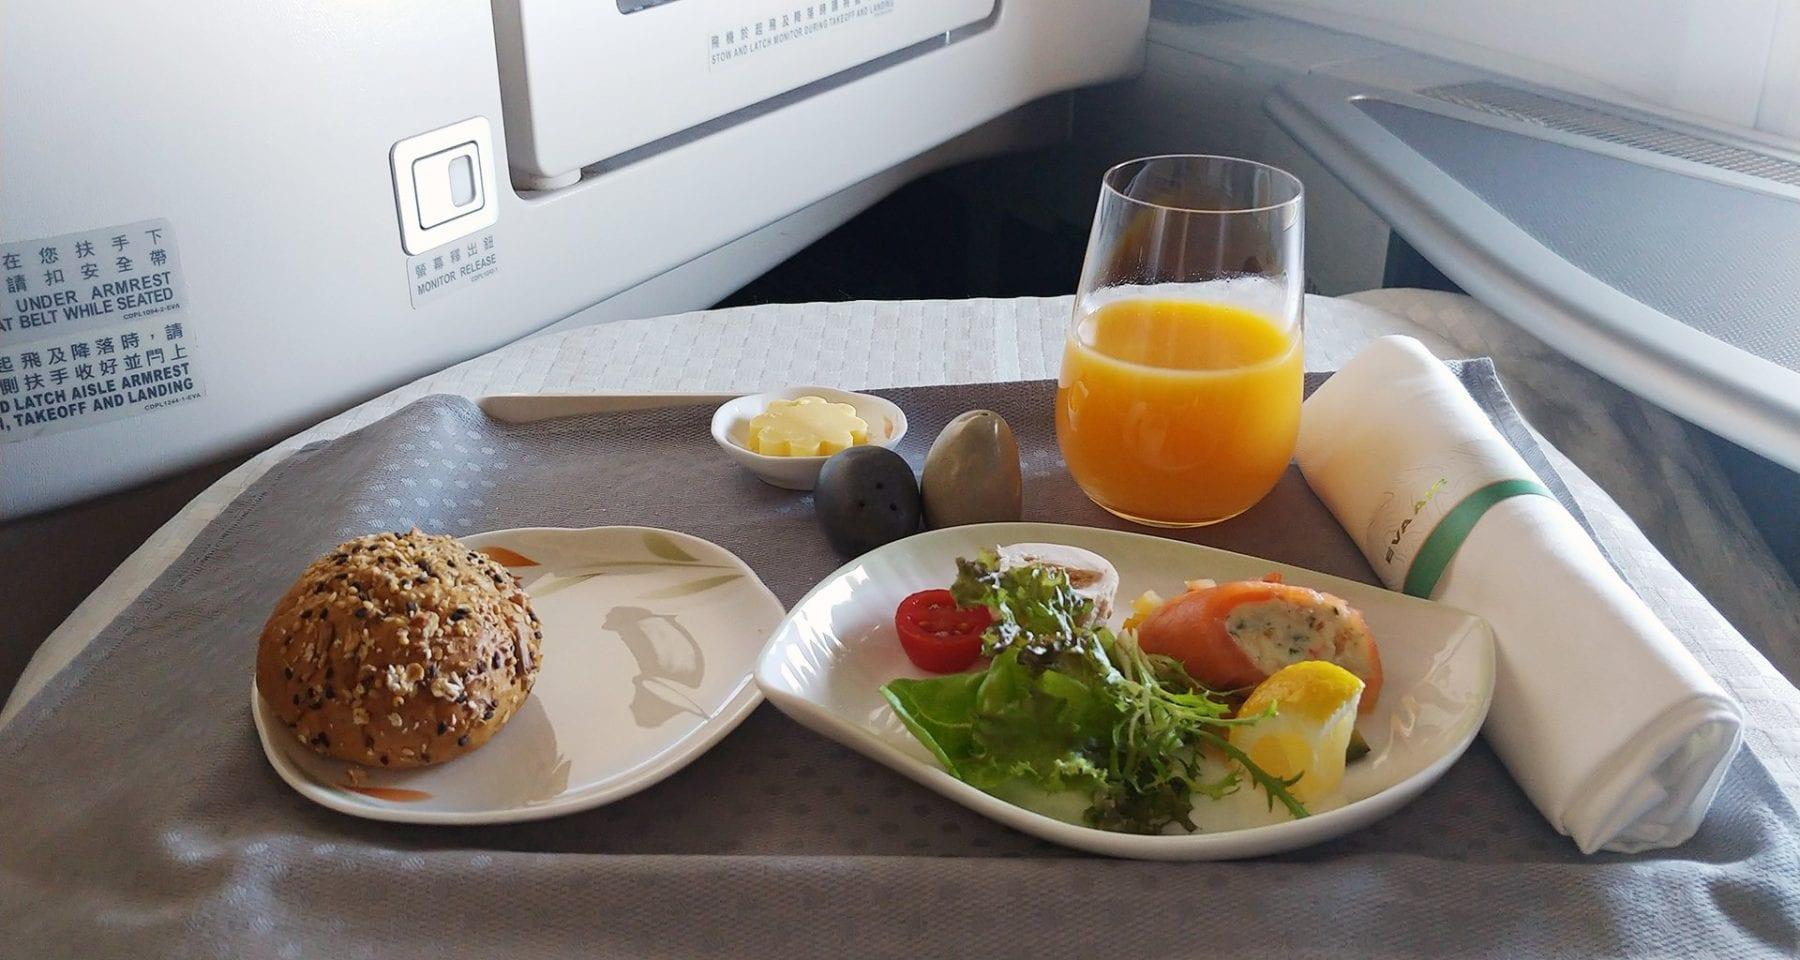 Eva Air Business Class Entree